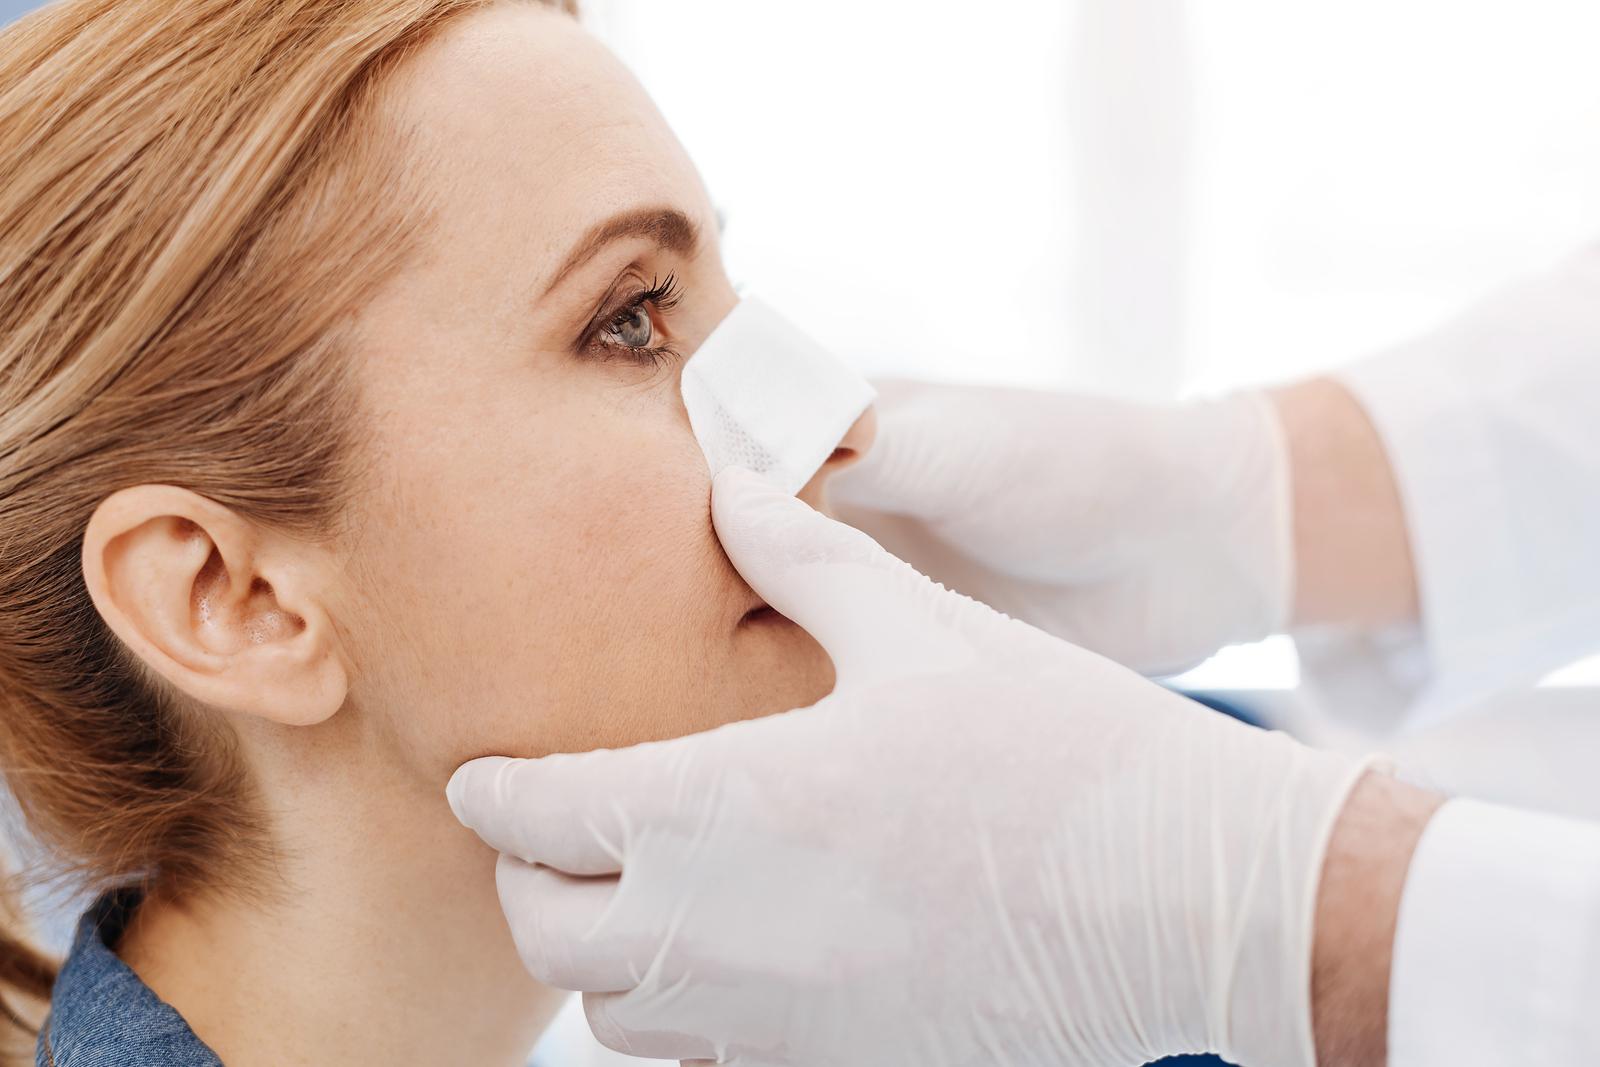 Phẫu thuật mũi có đau không? Kéo dài bao lâu?